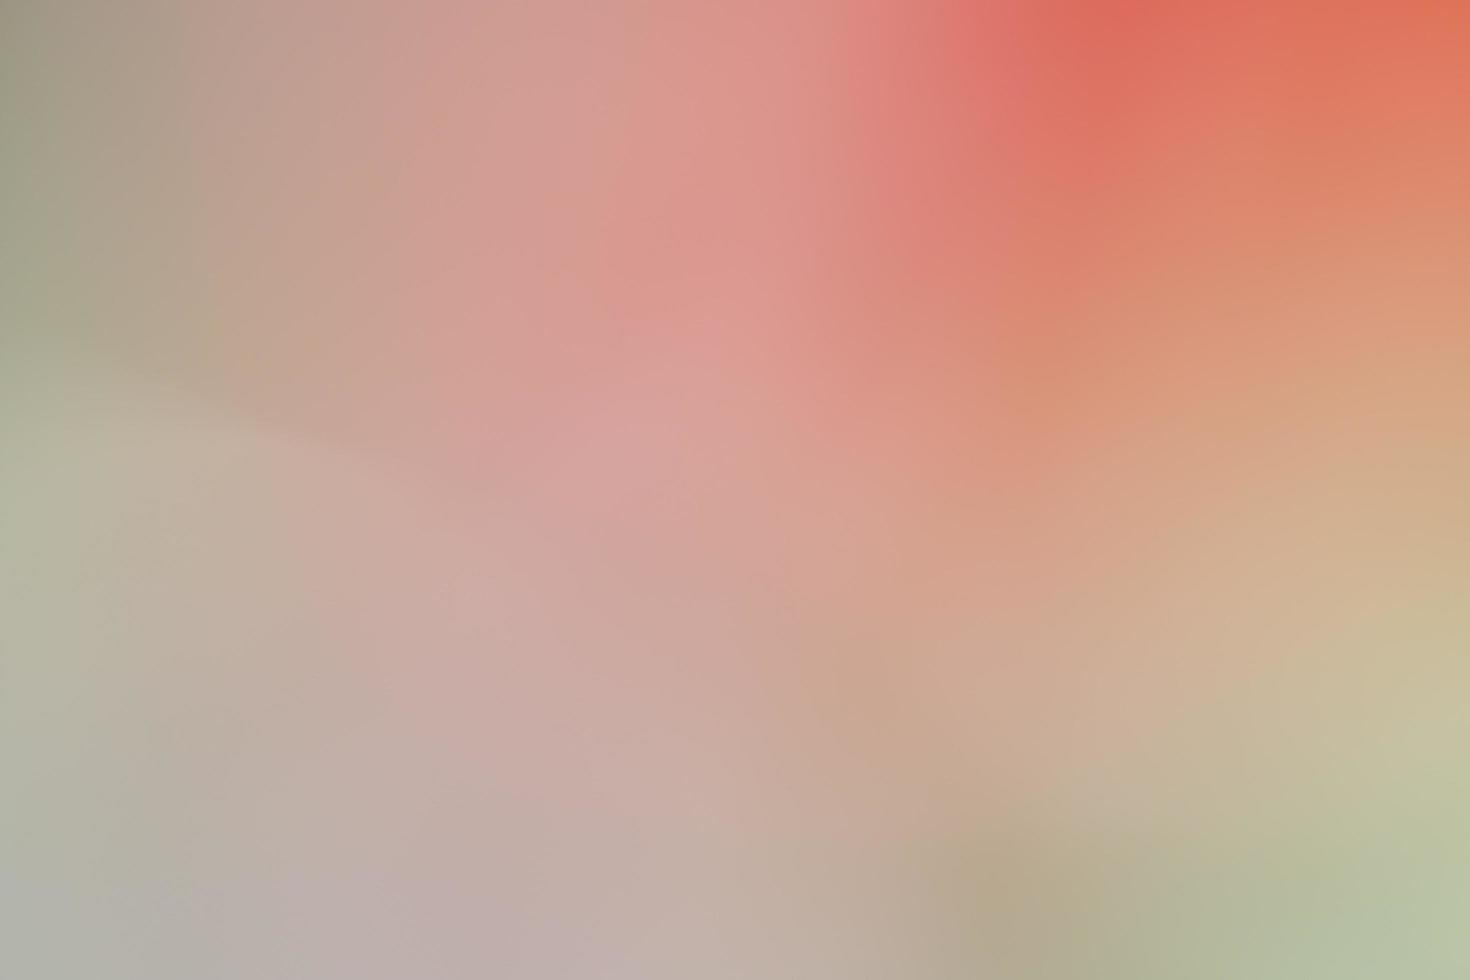 fond coloré flou photo